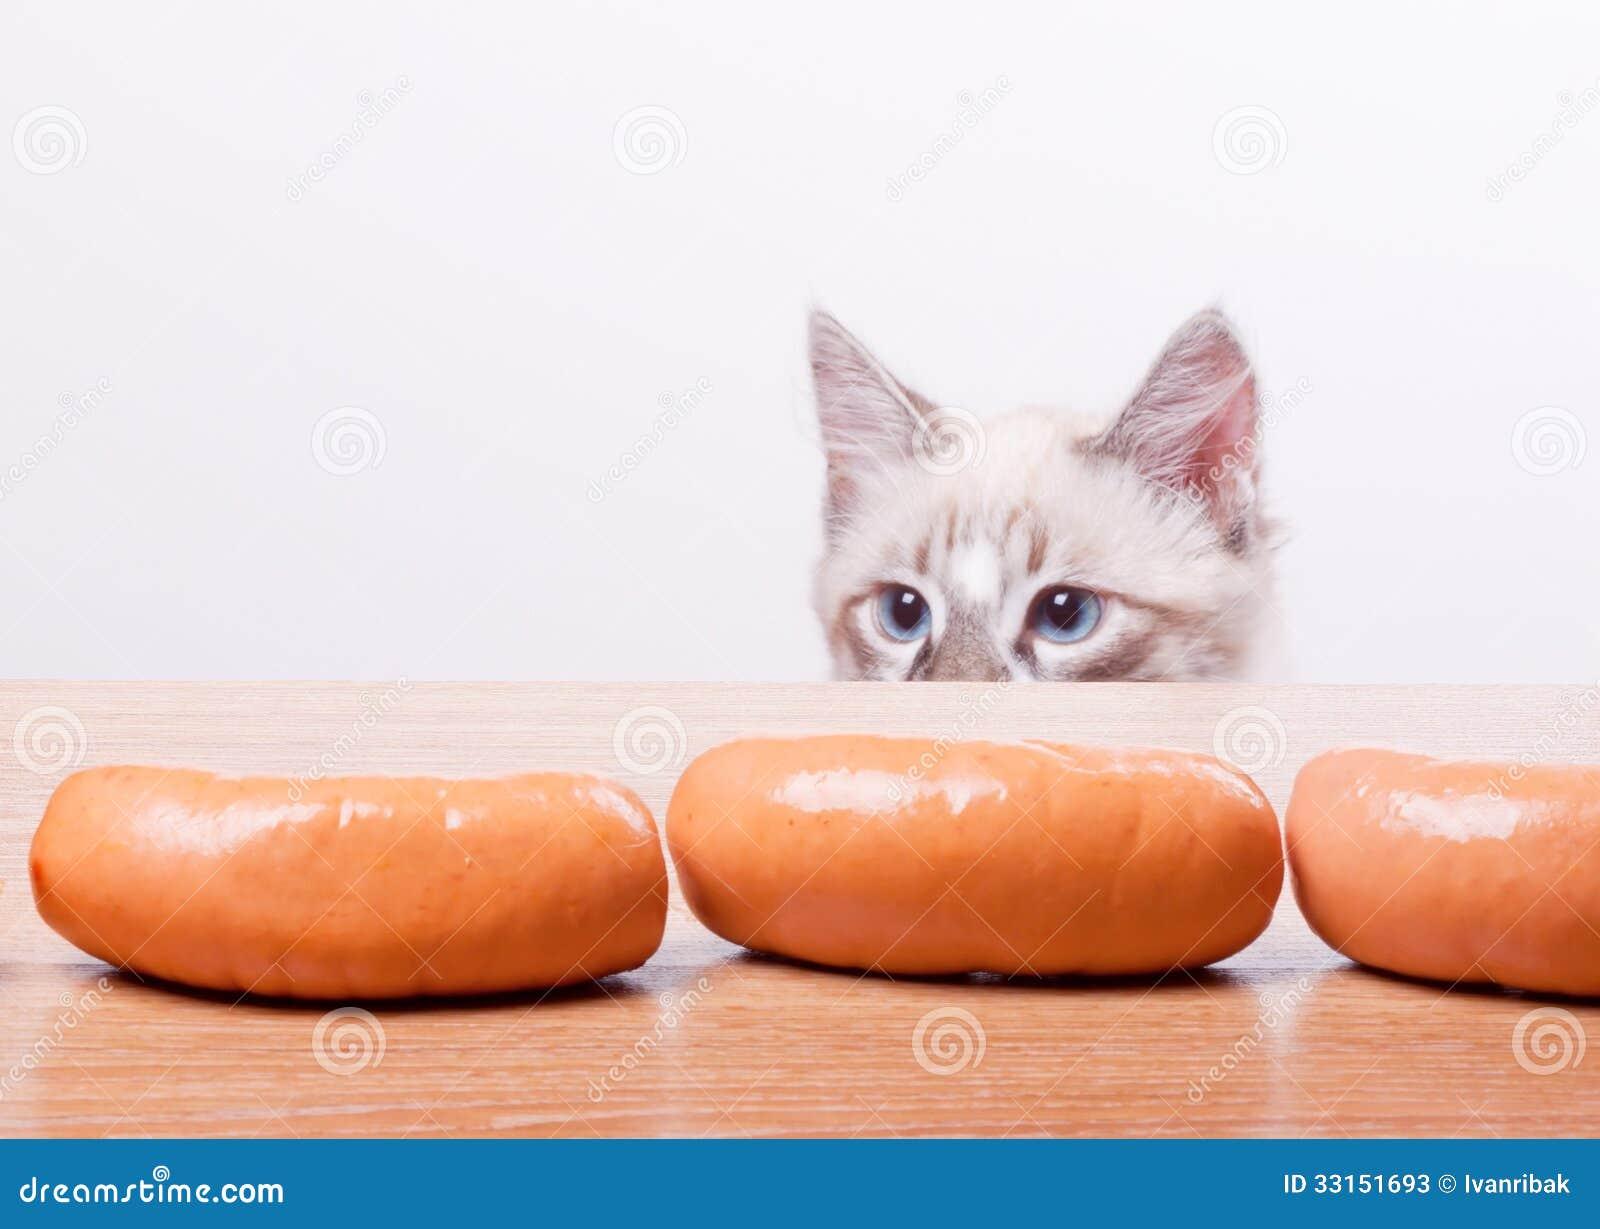 窃取香肠的猫尝试